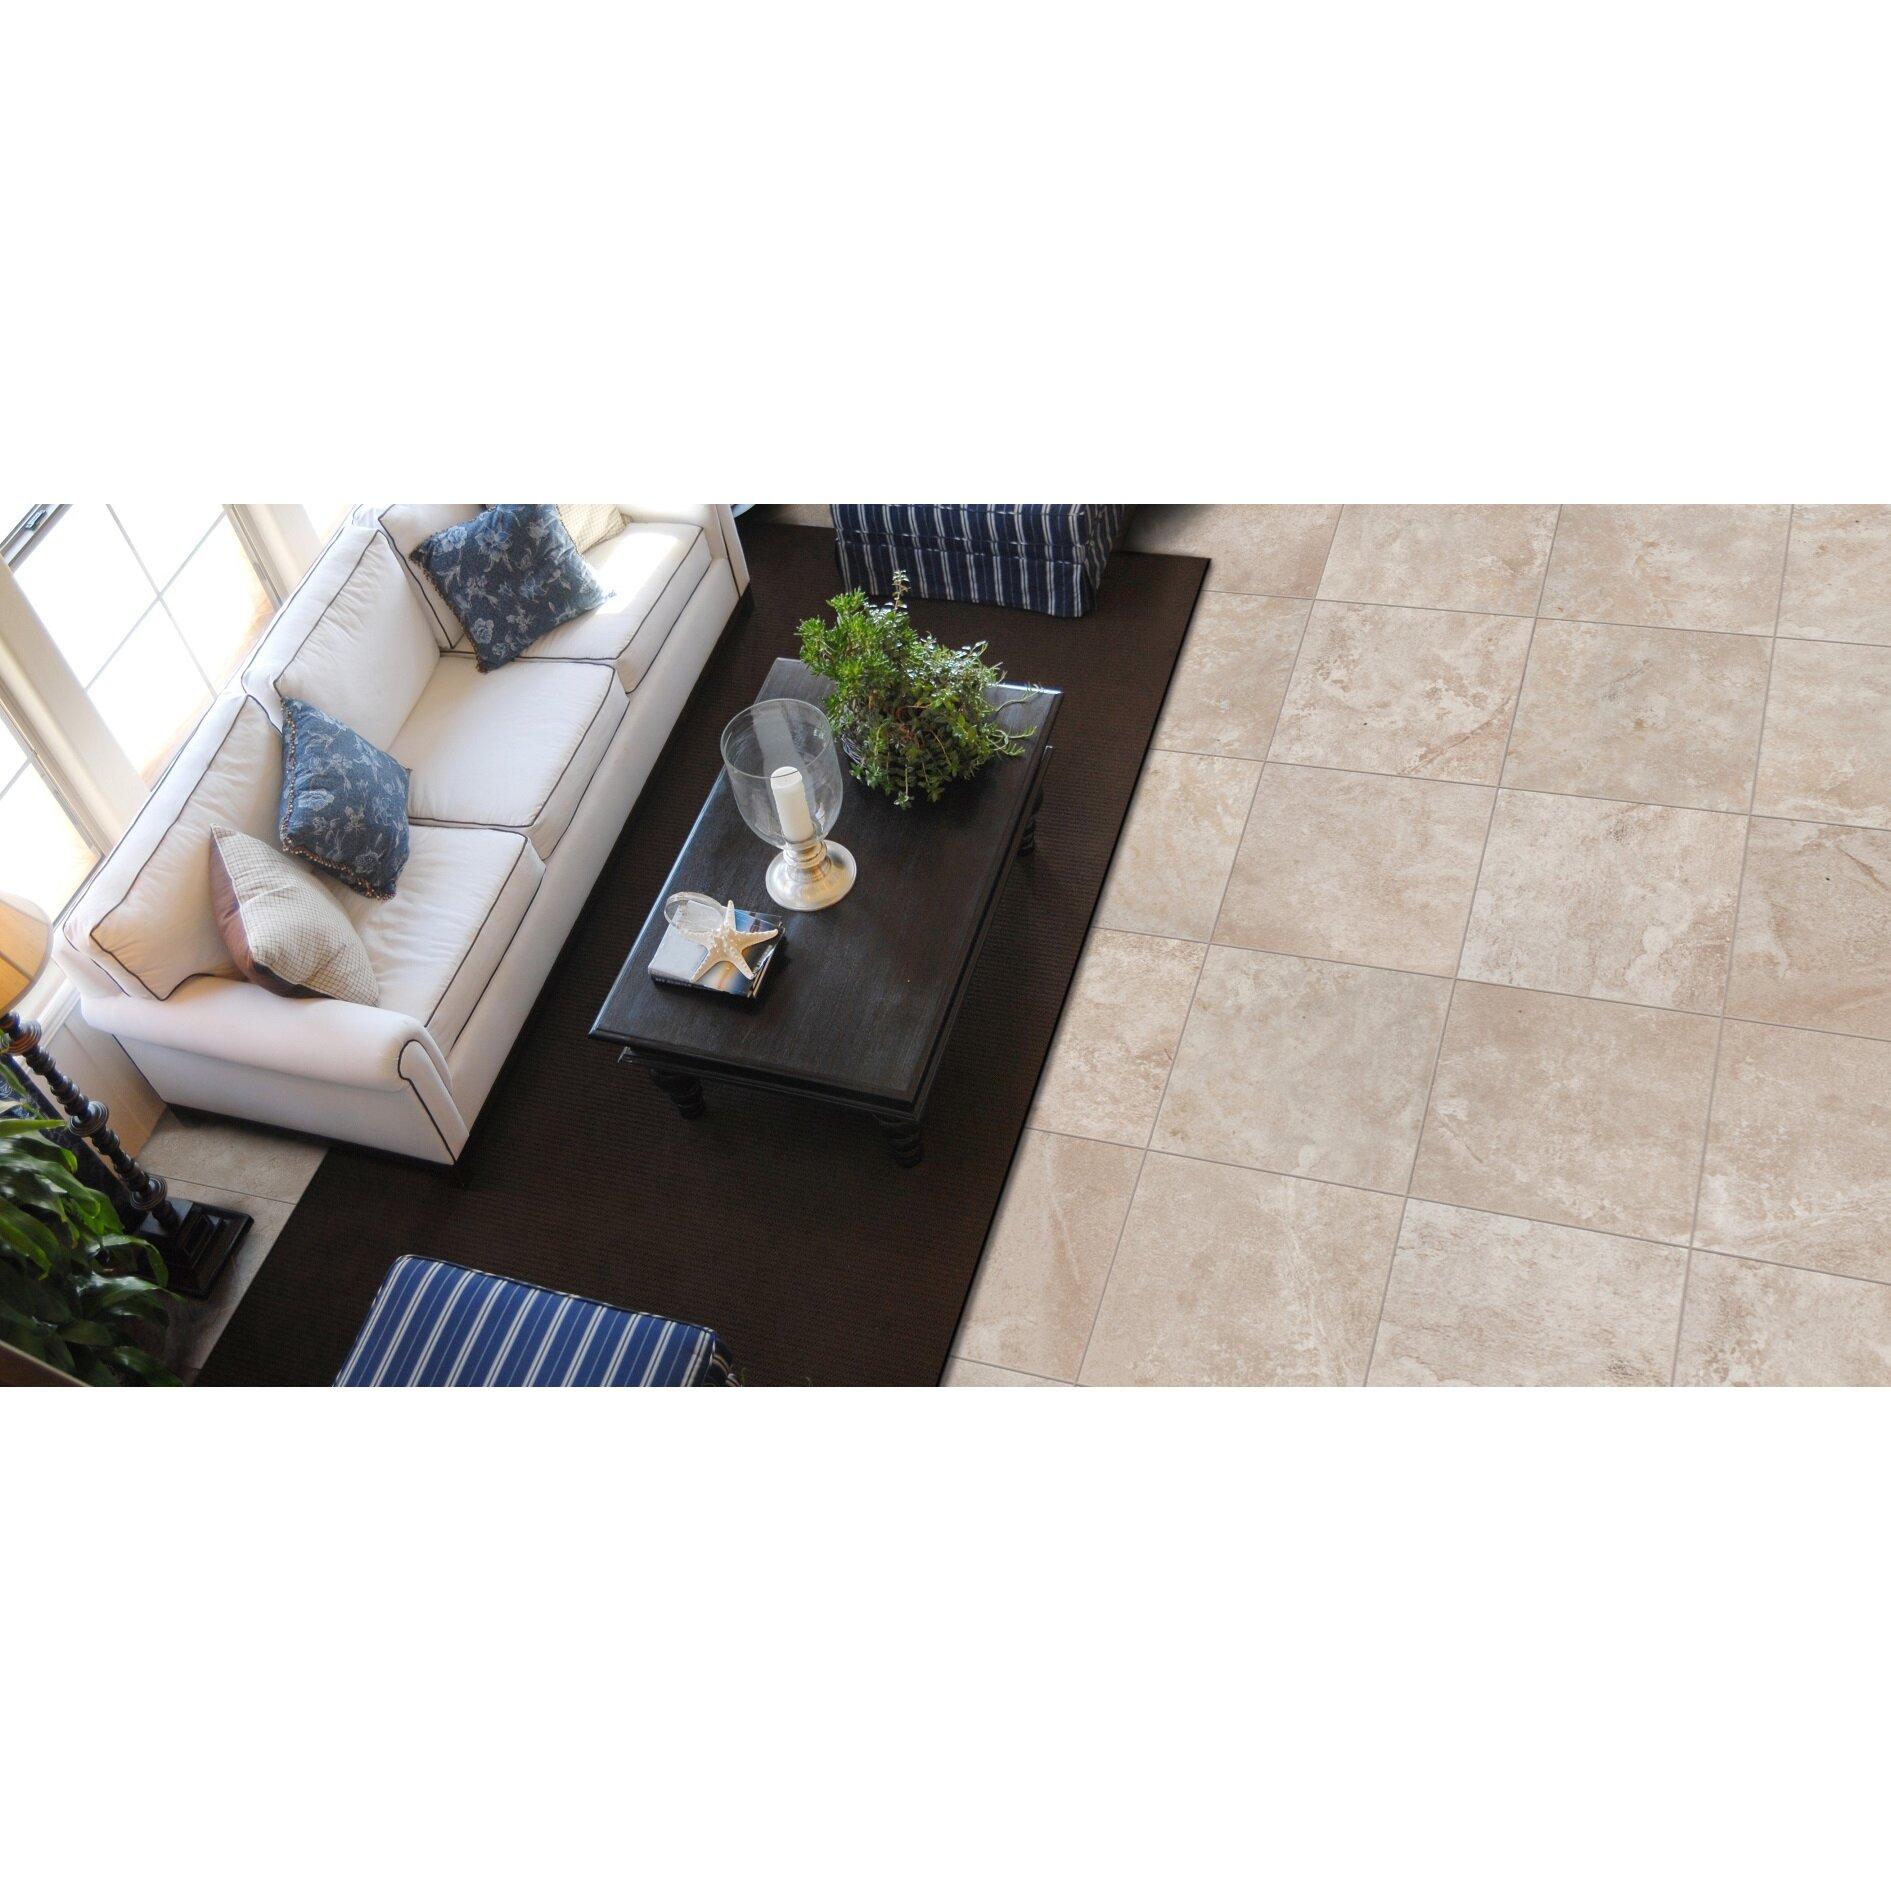 Emser tile bristol 12 x 24 ceramic tile in ashton wayfair for 12 x 24 ceramic floor tile